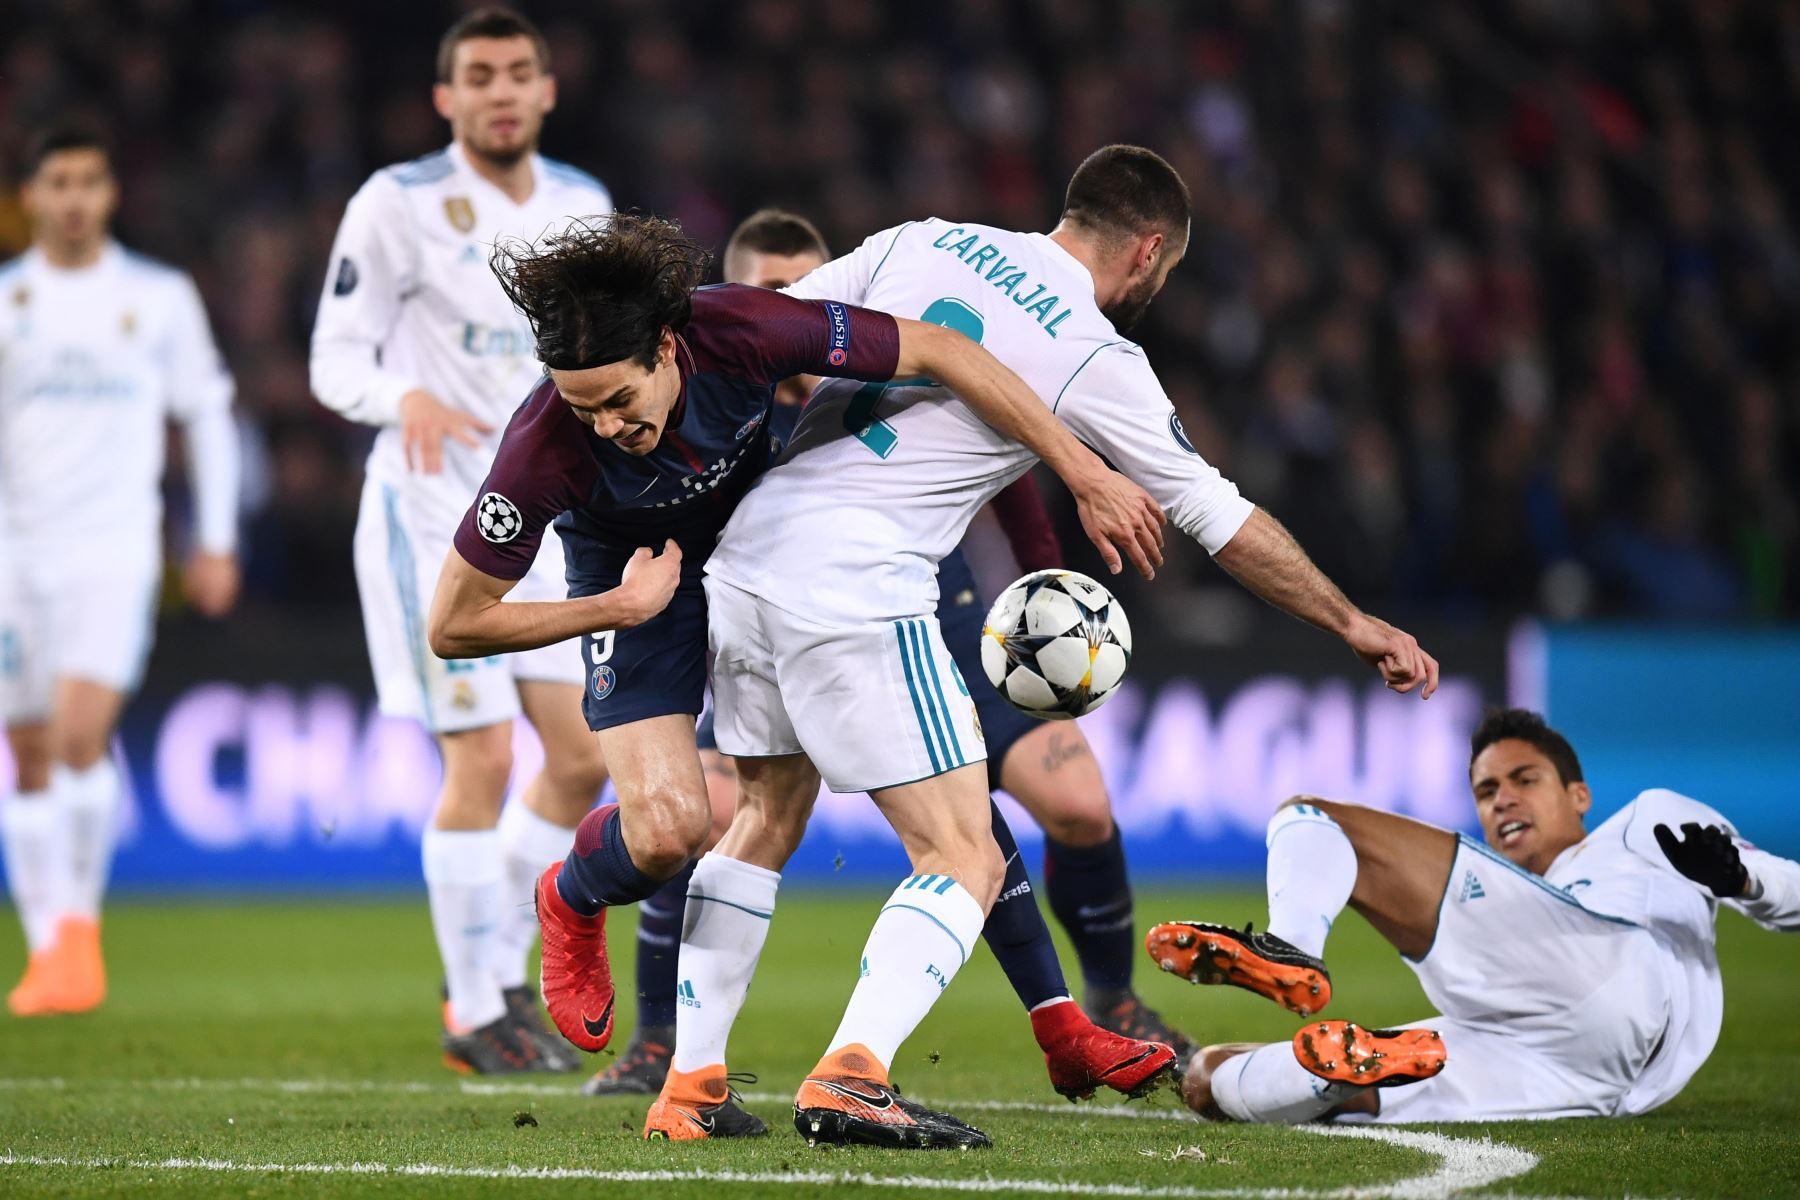 El delantero uruguayo del Paris Saint-Germain Edinson Cavani disputa el balón con el defensa español del Real Madrid Dani Carvajal. Foto: AFP